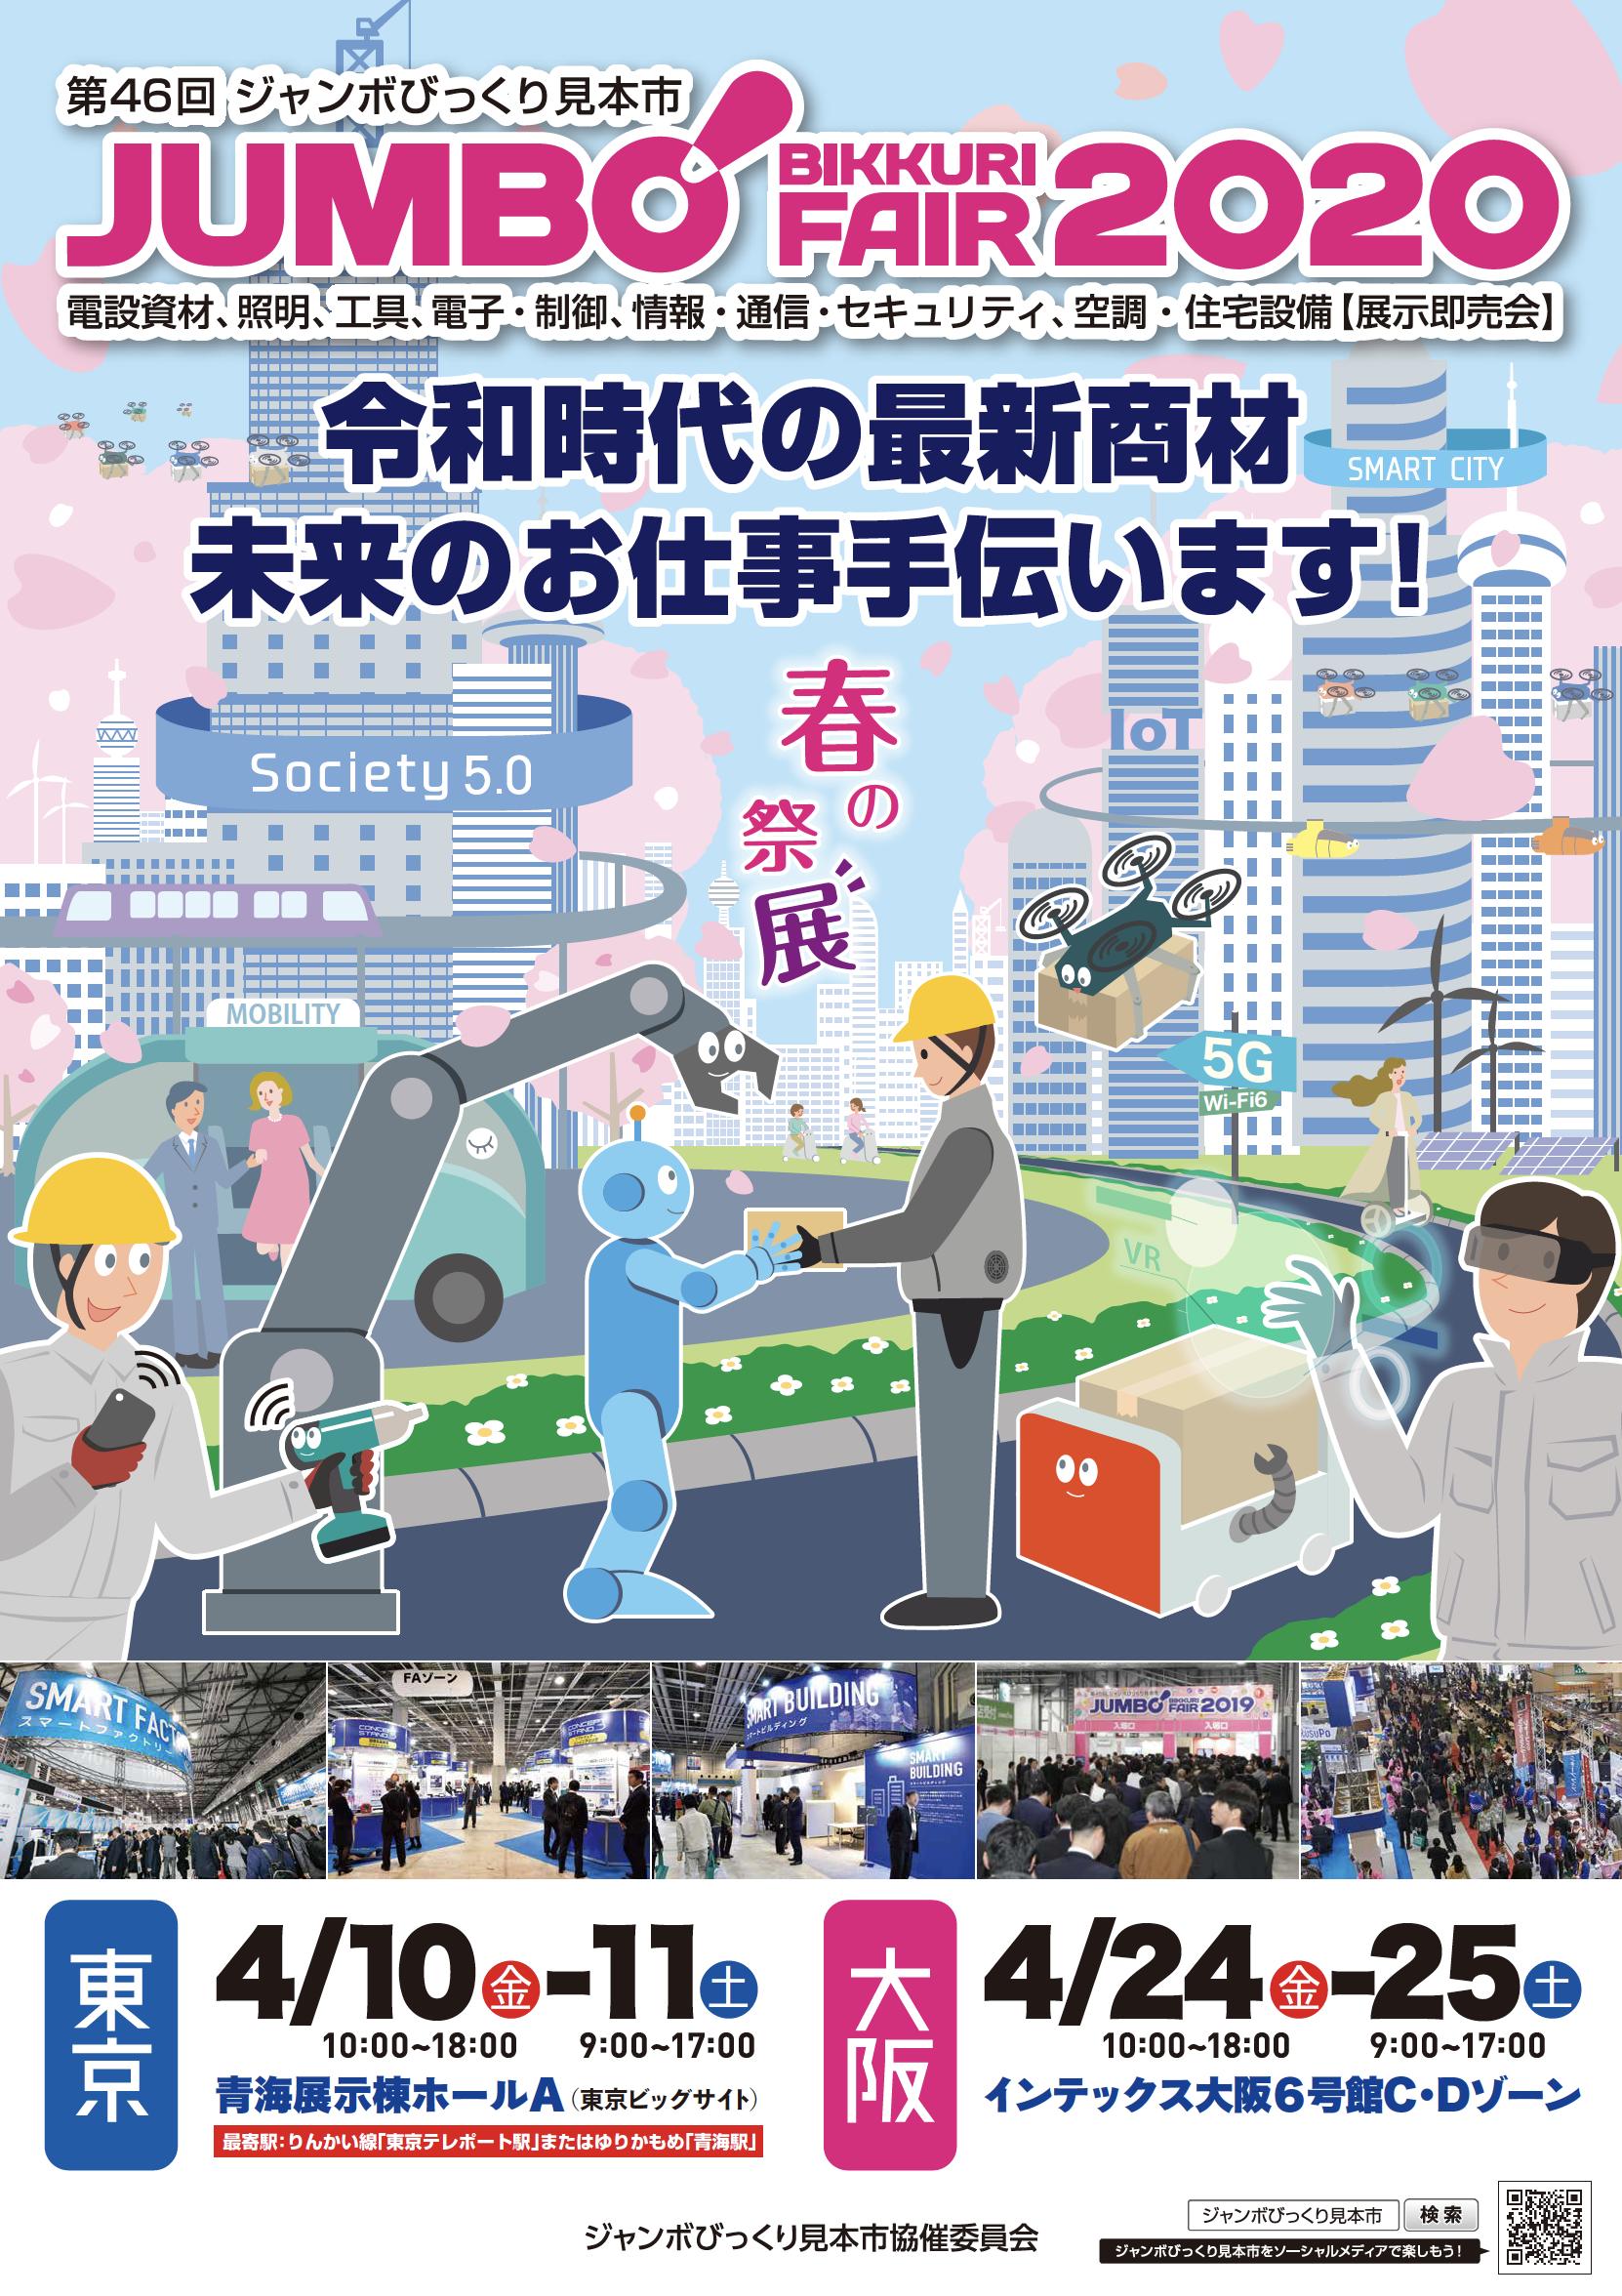 【第46回 ジャンボびっくり見本市】テーマとポスターデザインが決定!!の画像